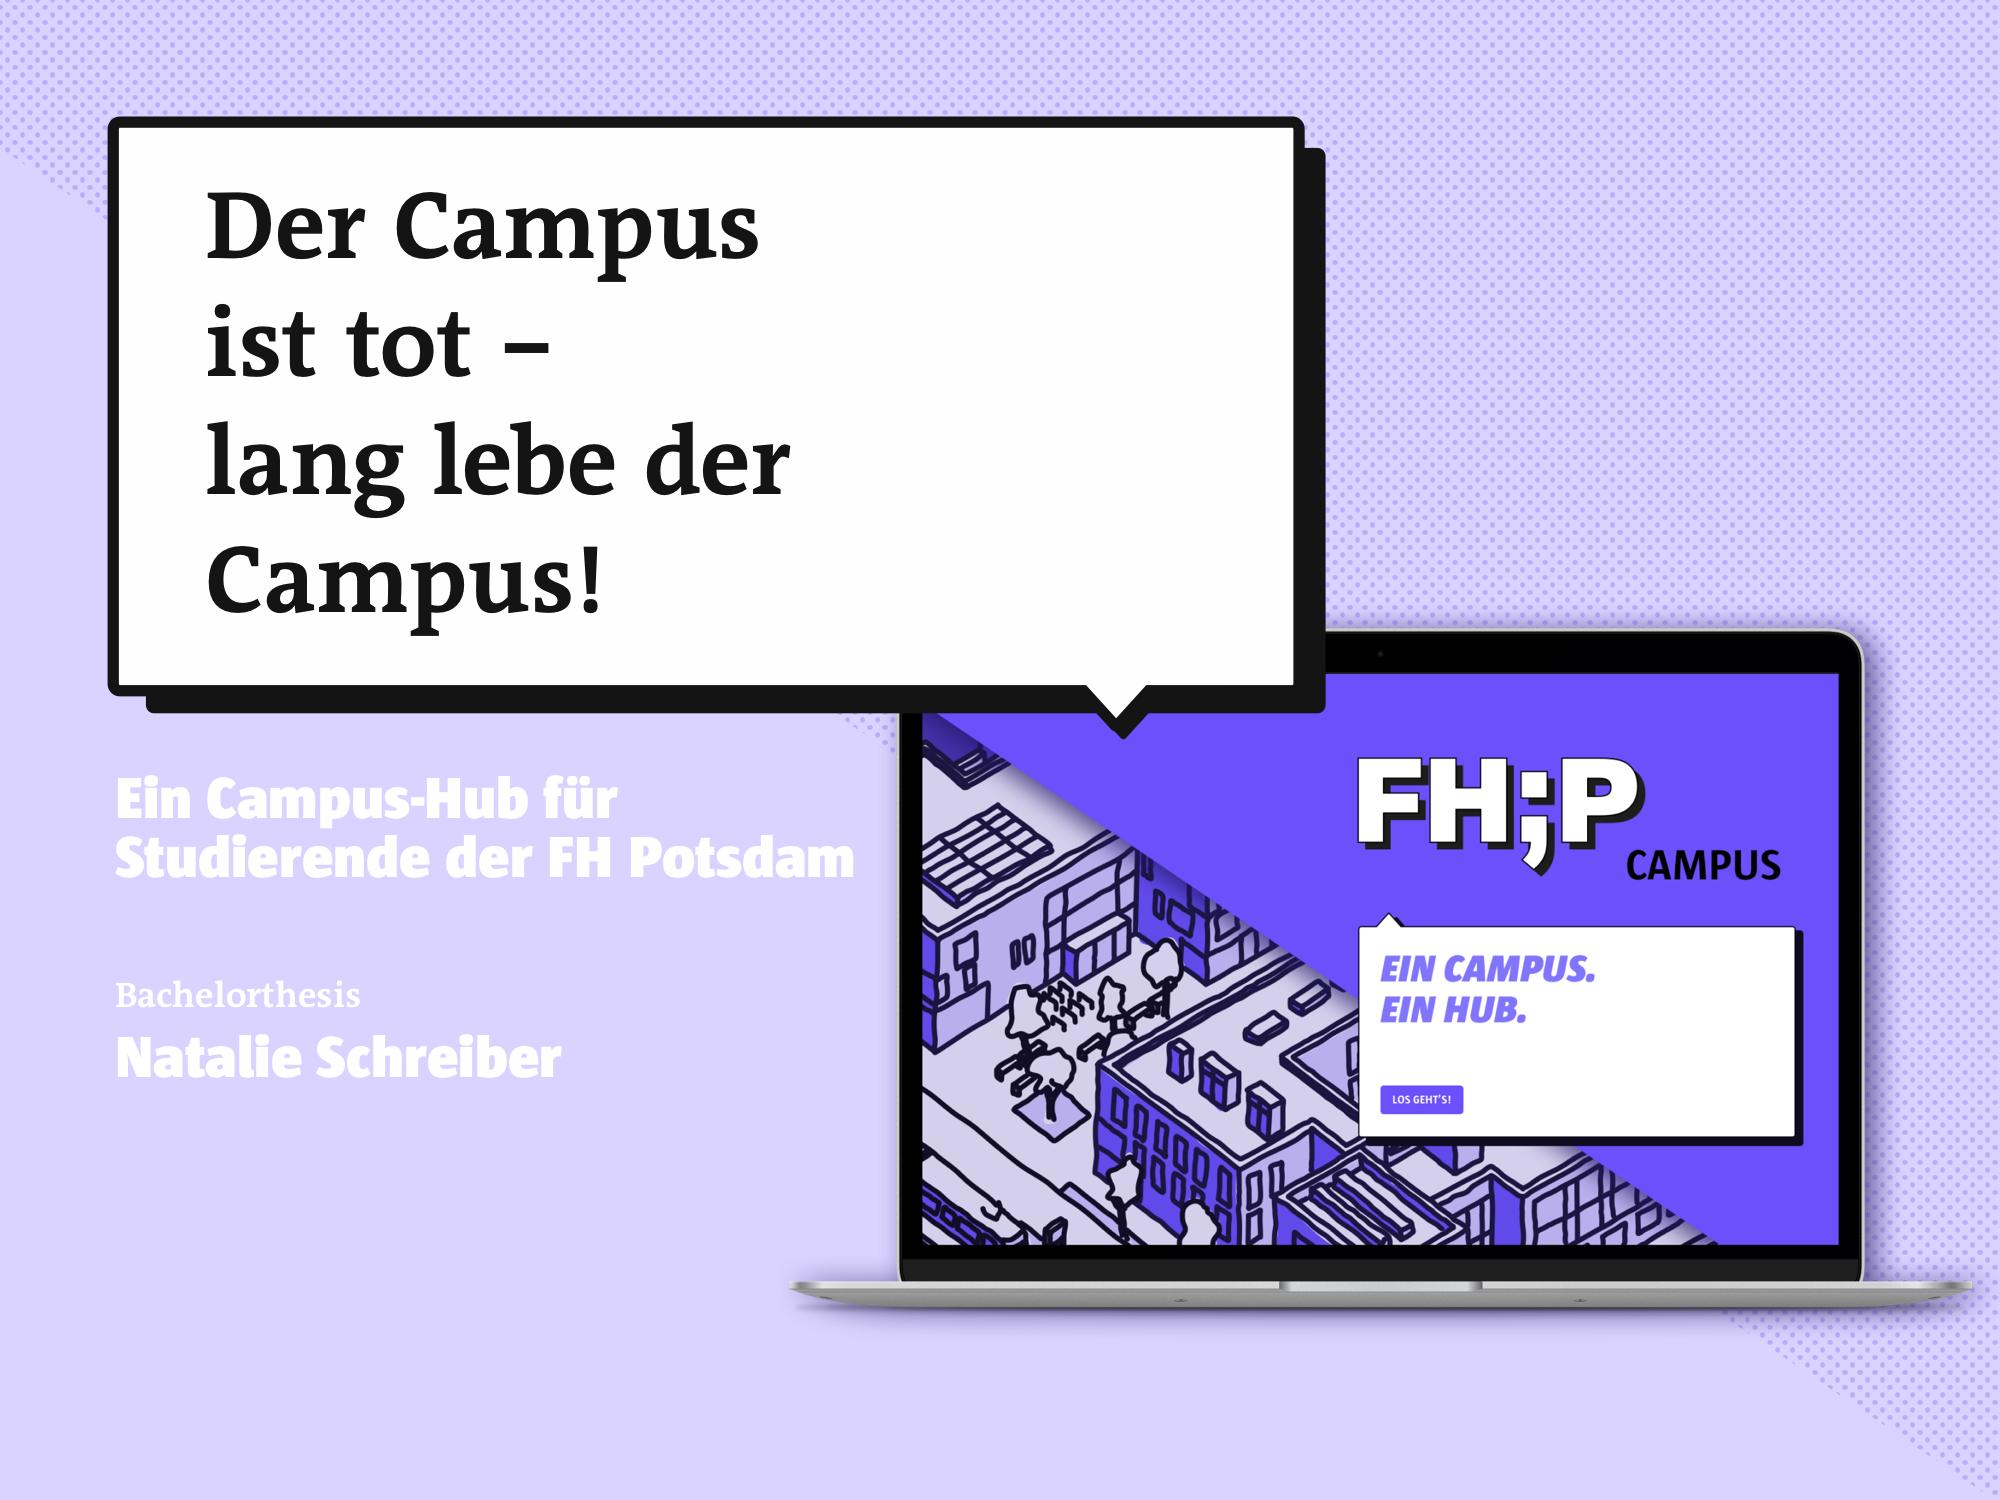 Campus-Hub für Studierende der FH Potsdam